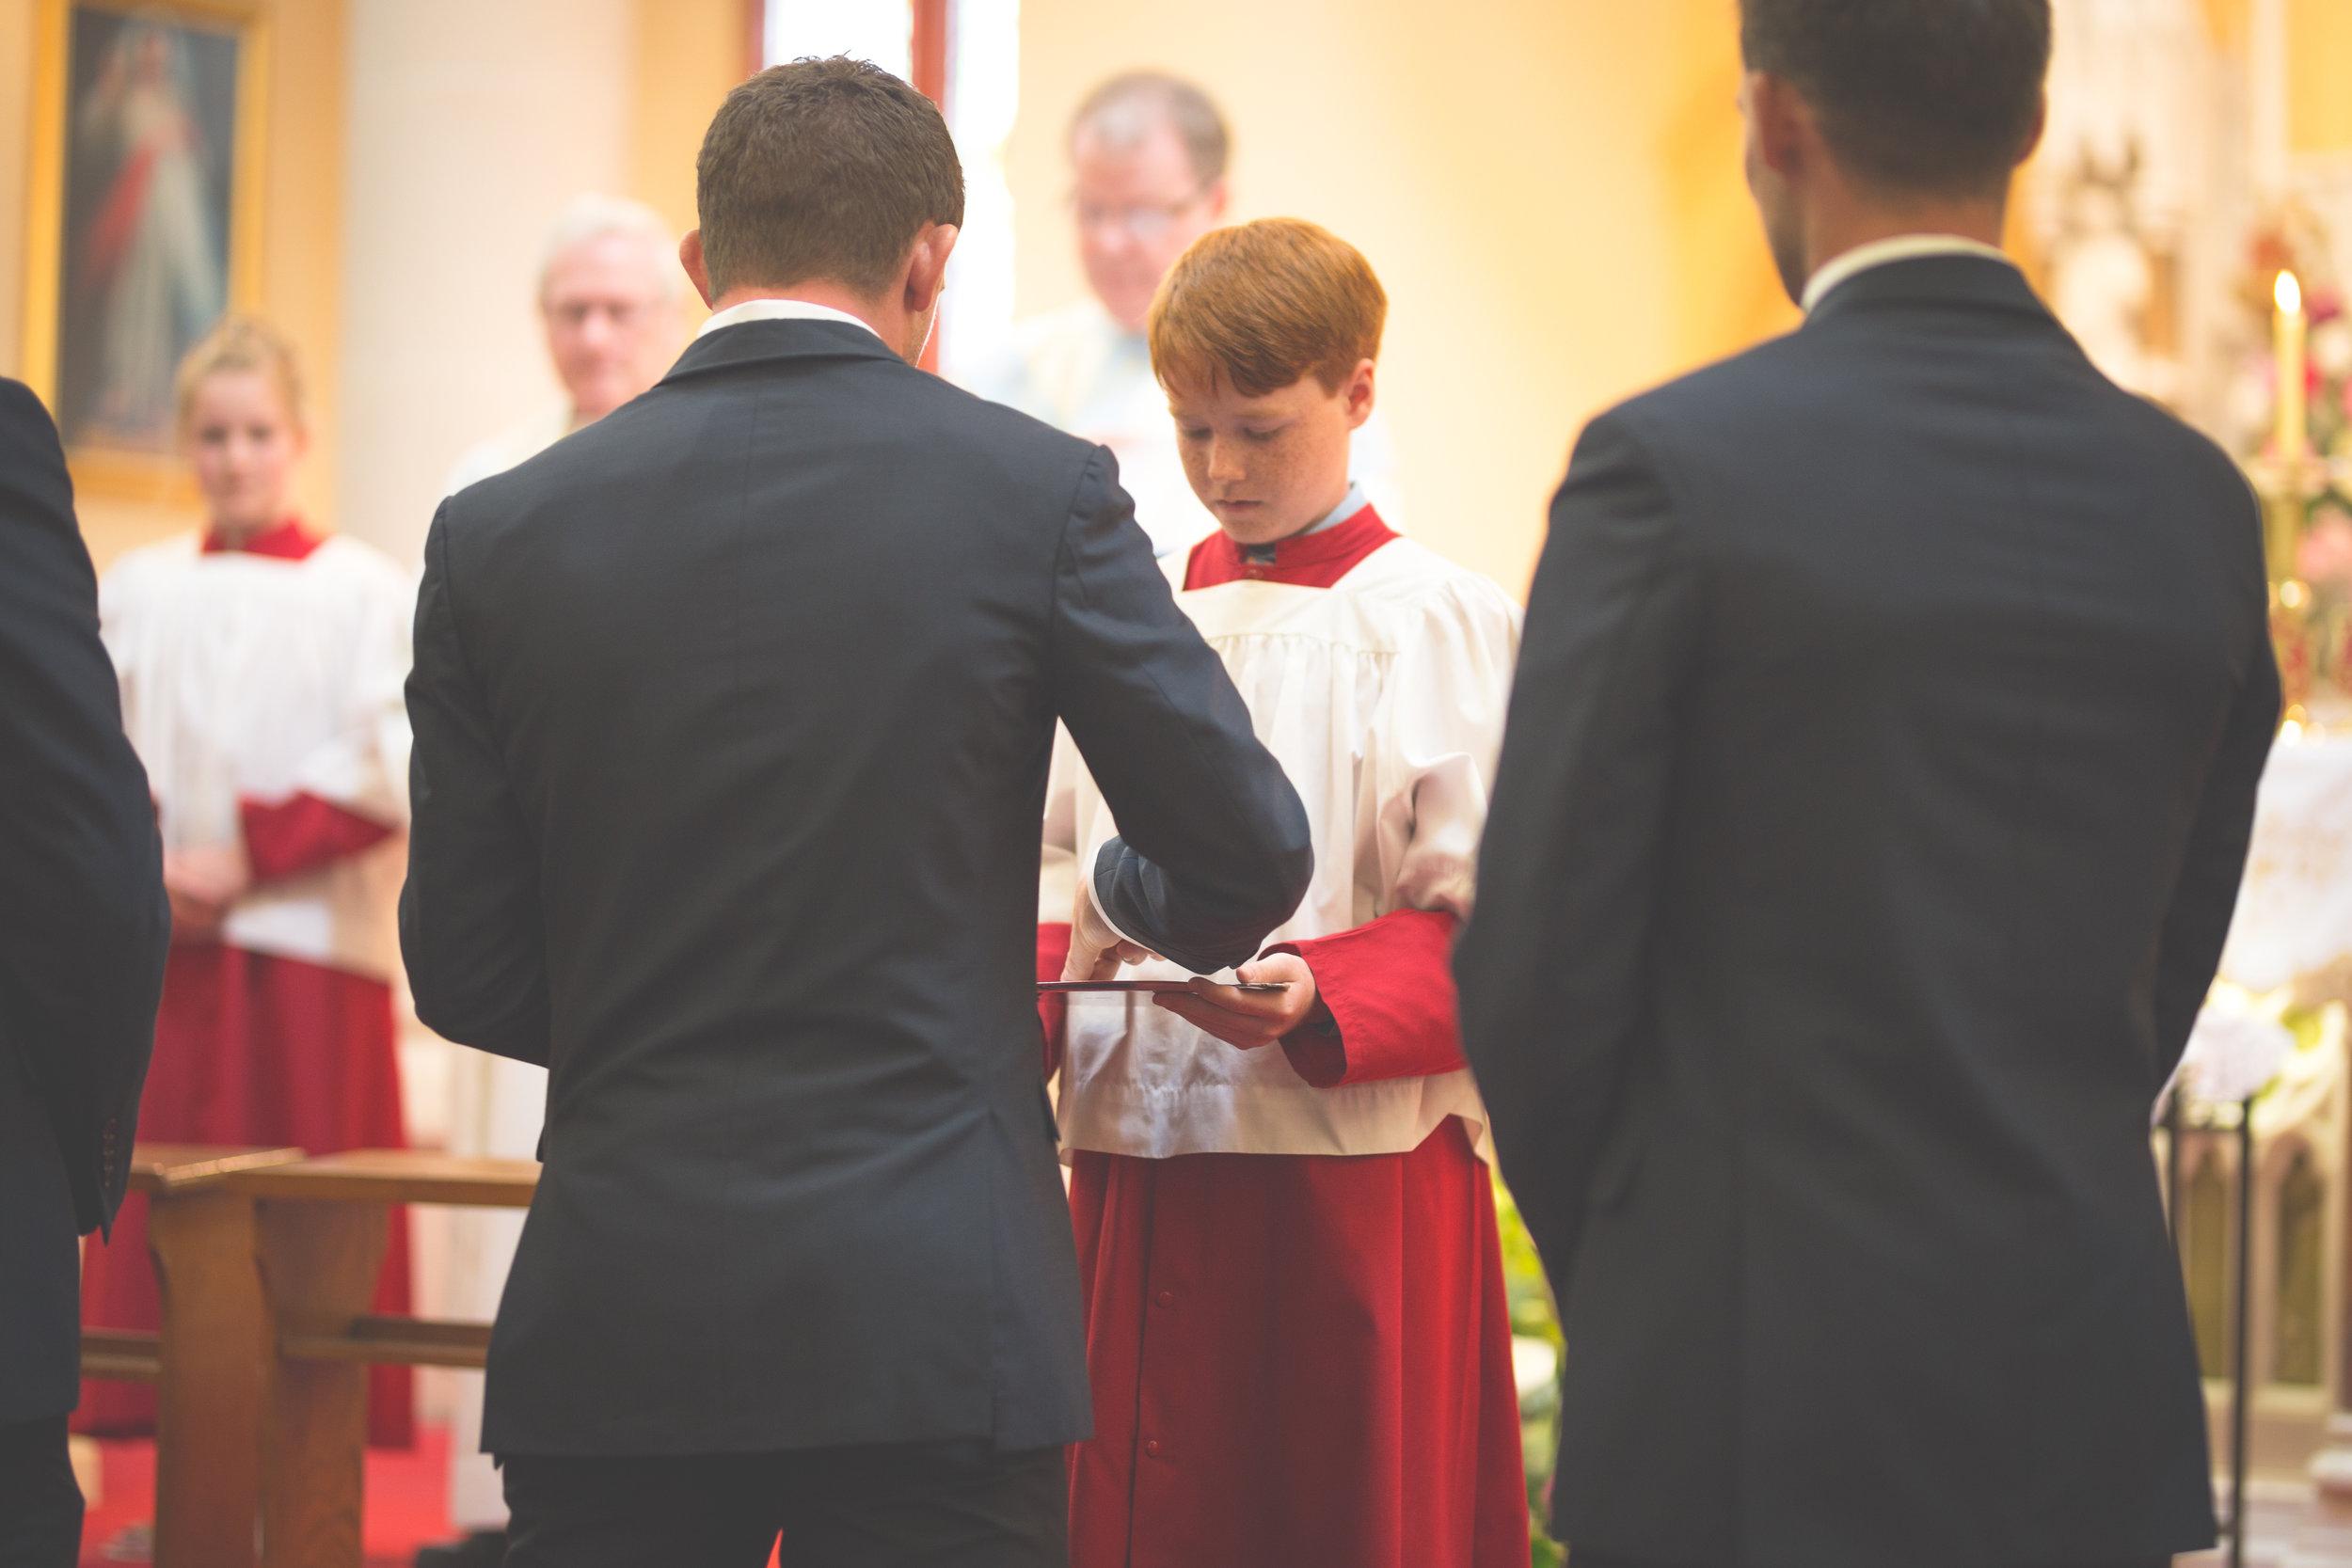 Brian McEwan Wedding Photography   Carol-Anne & Sean   The Ceremony-45.jpg